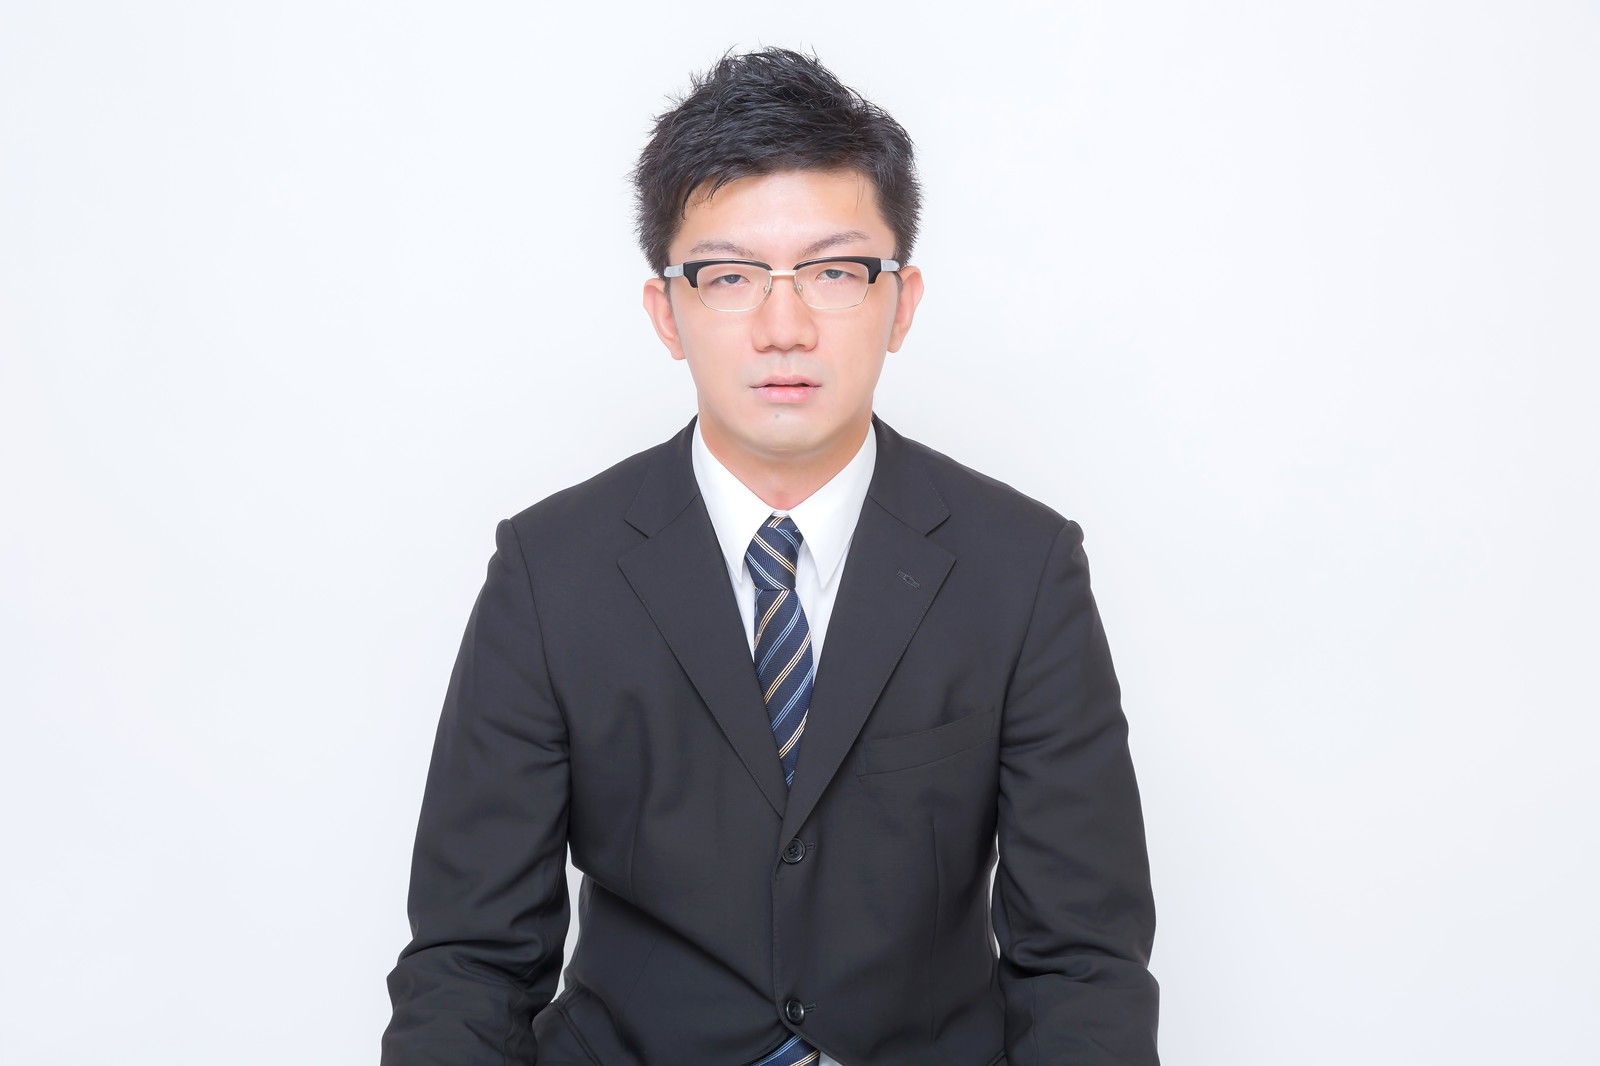 「6.「げきオコスティックファイナリアリティぷんぷんドリーム」な男性」の写真[モデル:OZPA]